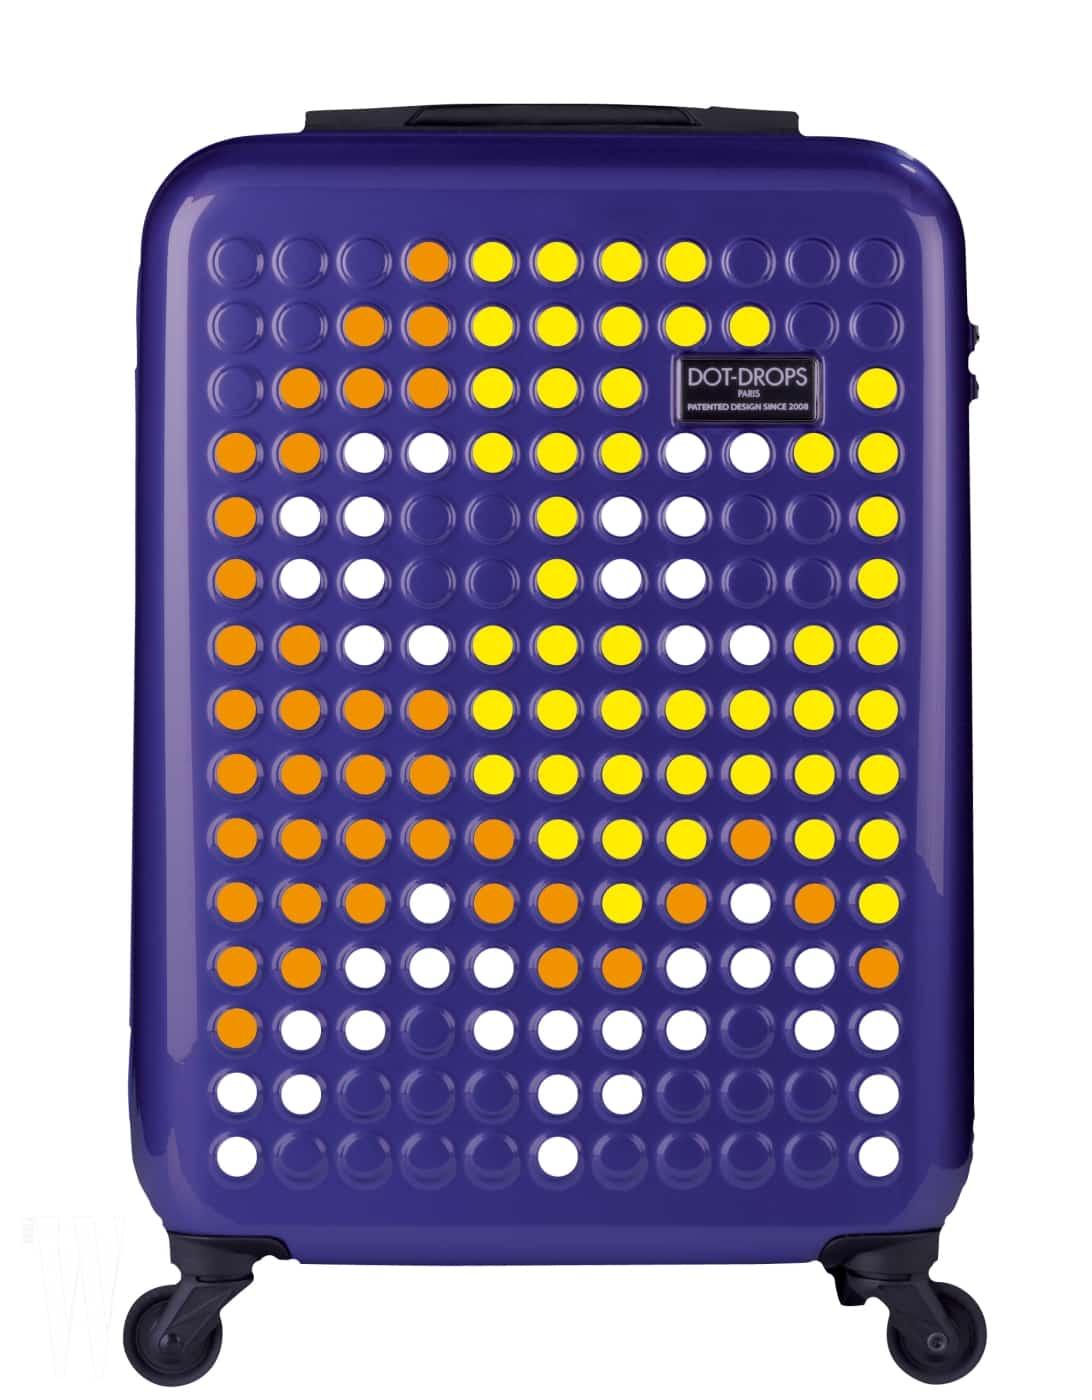 1 다양한 색상의 스티커를 활용해 자신만의 캐리어로 커스터마이징할 수 있는 가방은 닷드랍 by 라움보야지 제품. 25인치, 34만9천원.